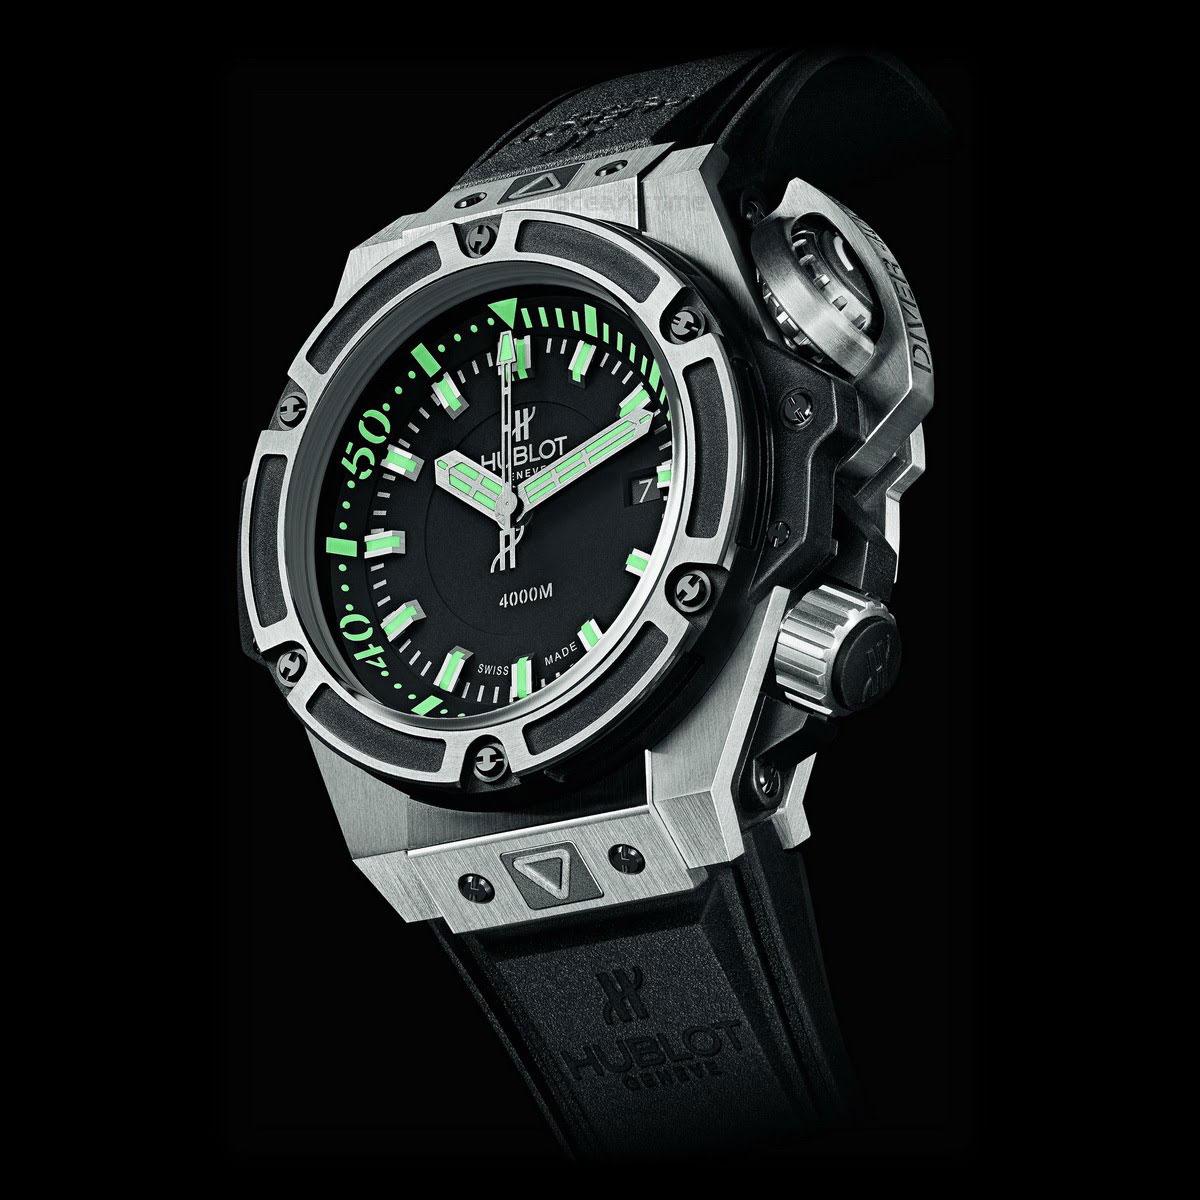 Hublot oceanographic 4000 diver watch with 4 000 meters - Oceanic dive watch ...